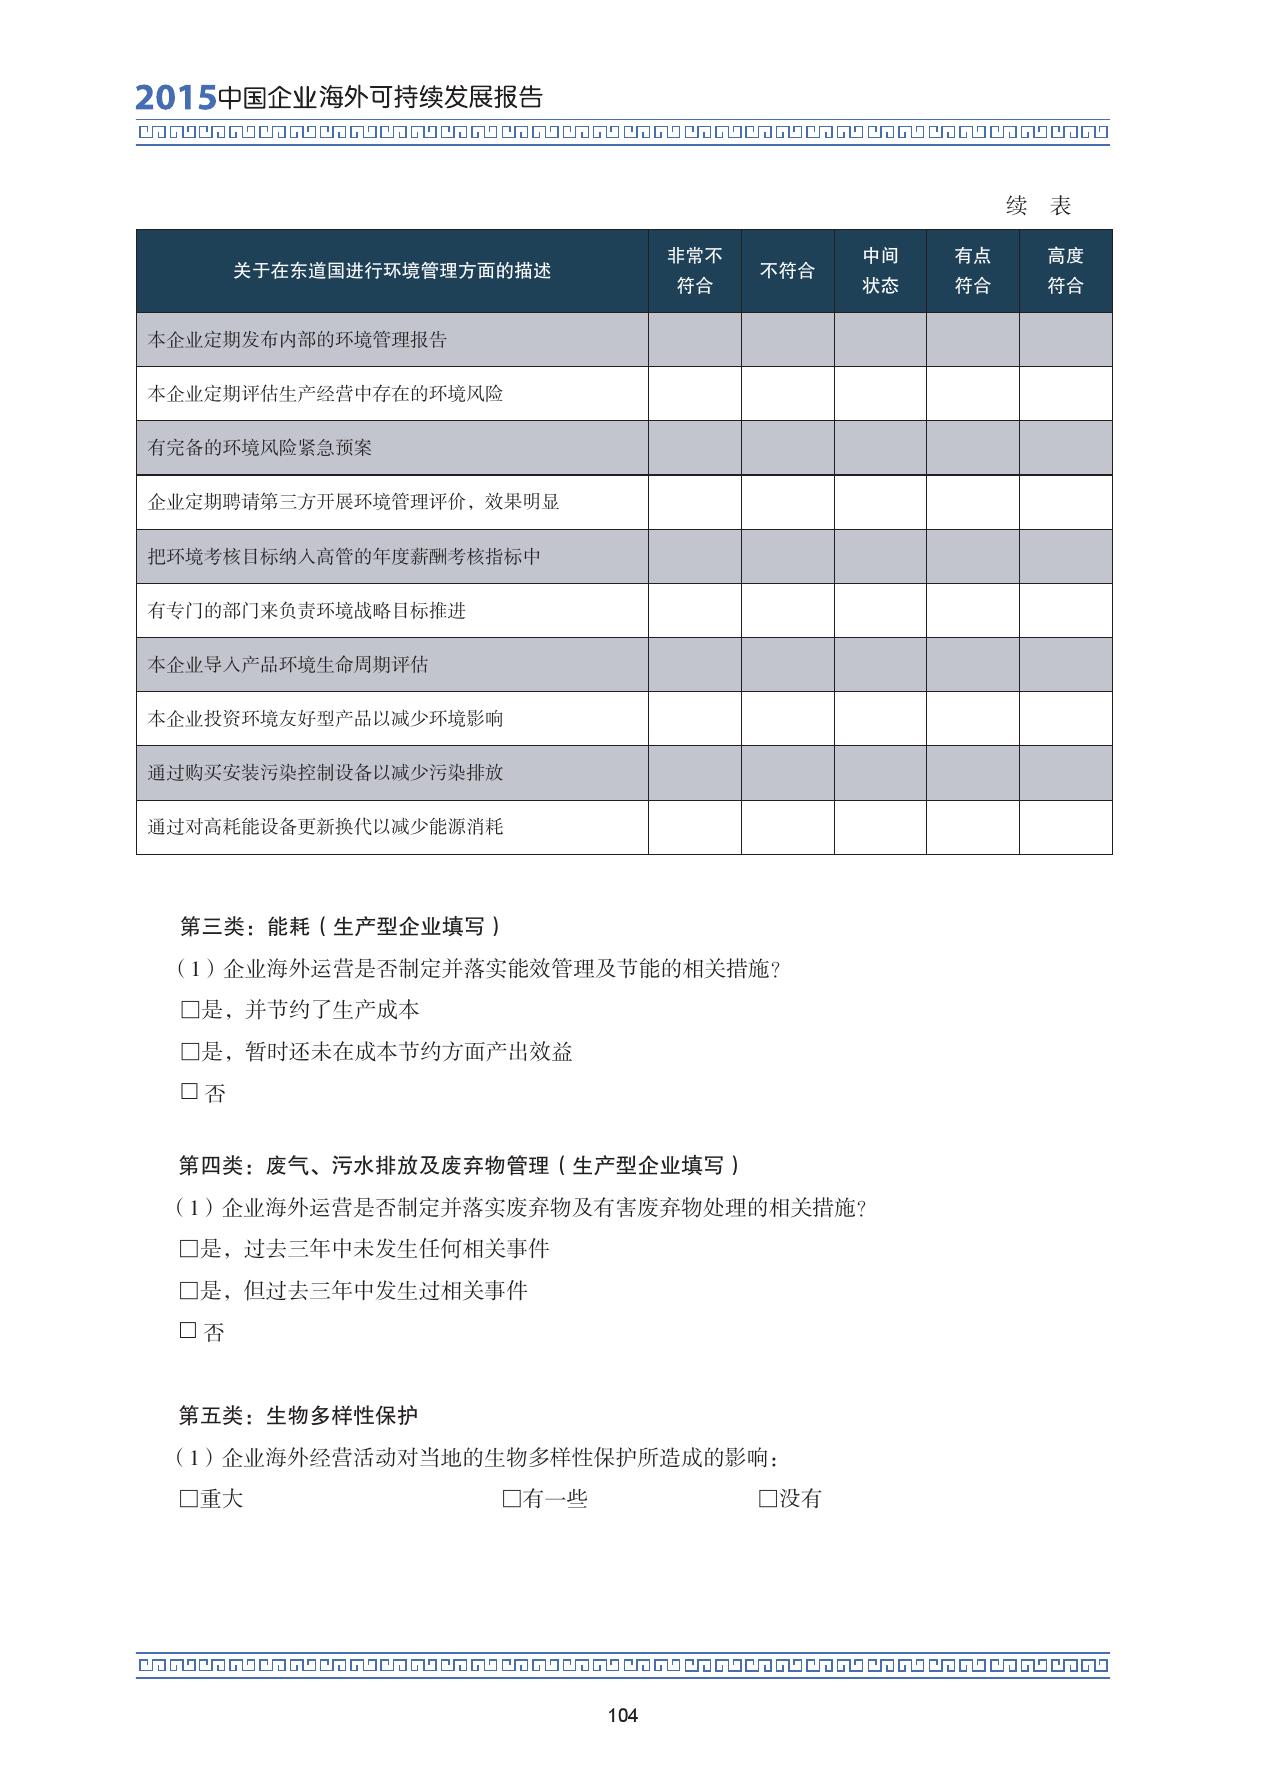 2015中国企业海外可持续发展报告_000118